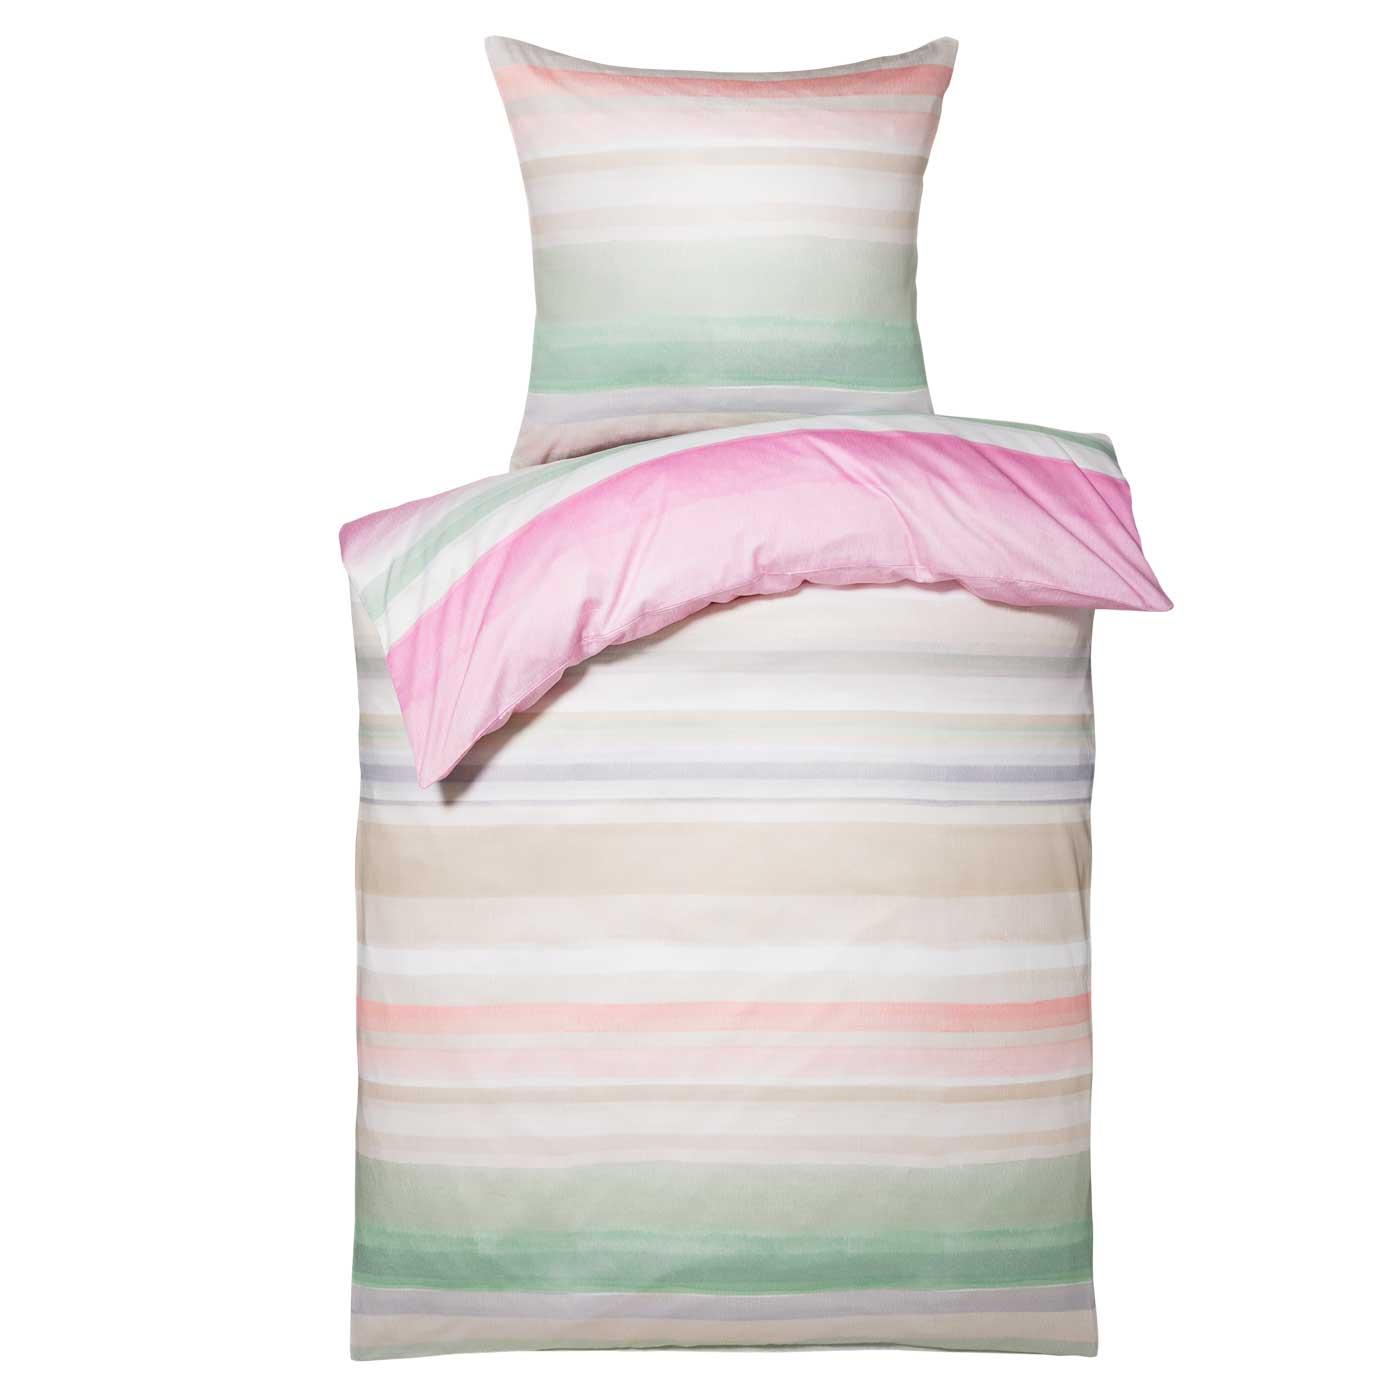 rid essentials bettw sche garnitur leon pastell bettenrid. Black Bedroom Furniture Sets. Home Design Ideas